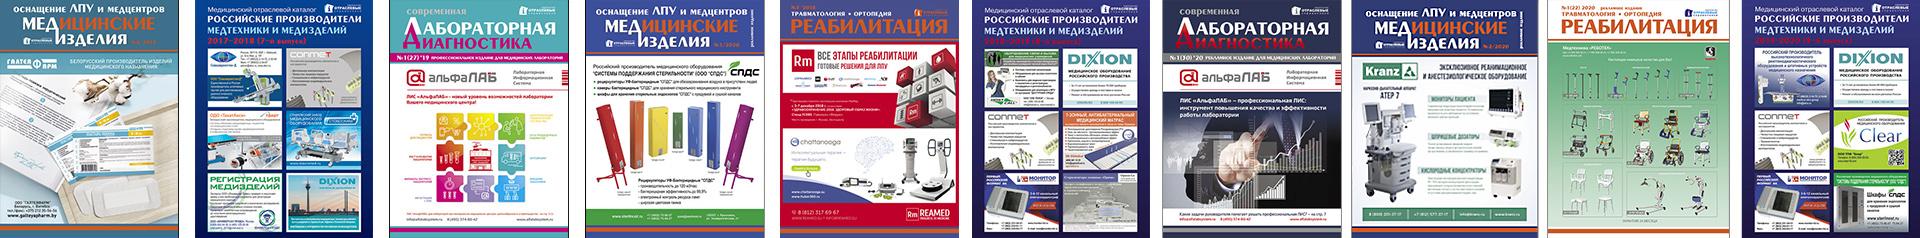 В это сложное время мы вместе с медицинским компаниями России и Беларуси продолжаем выпускать печатные и электронные издания по медицинской технике.